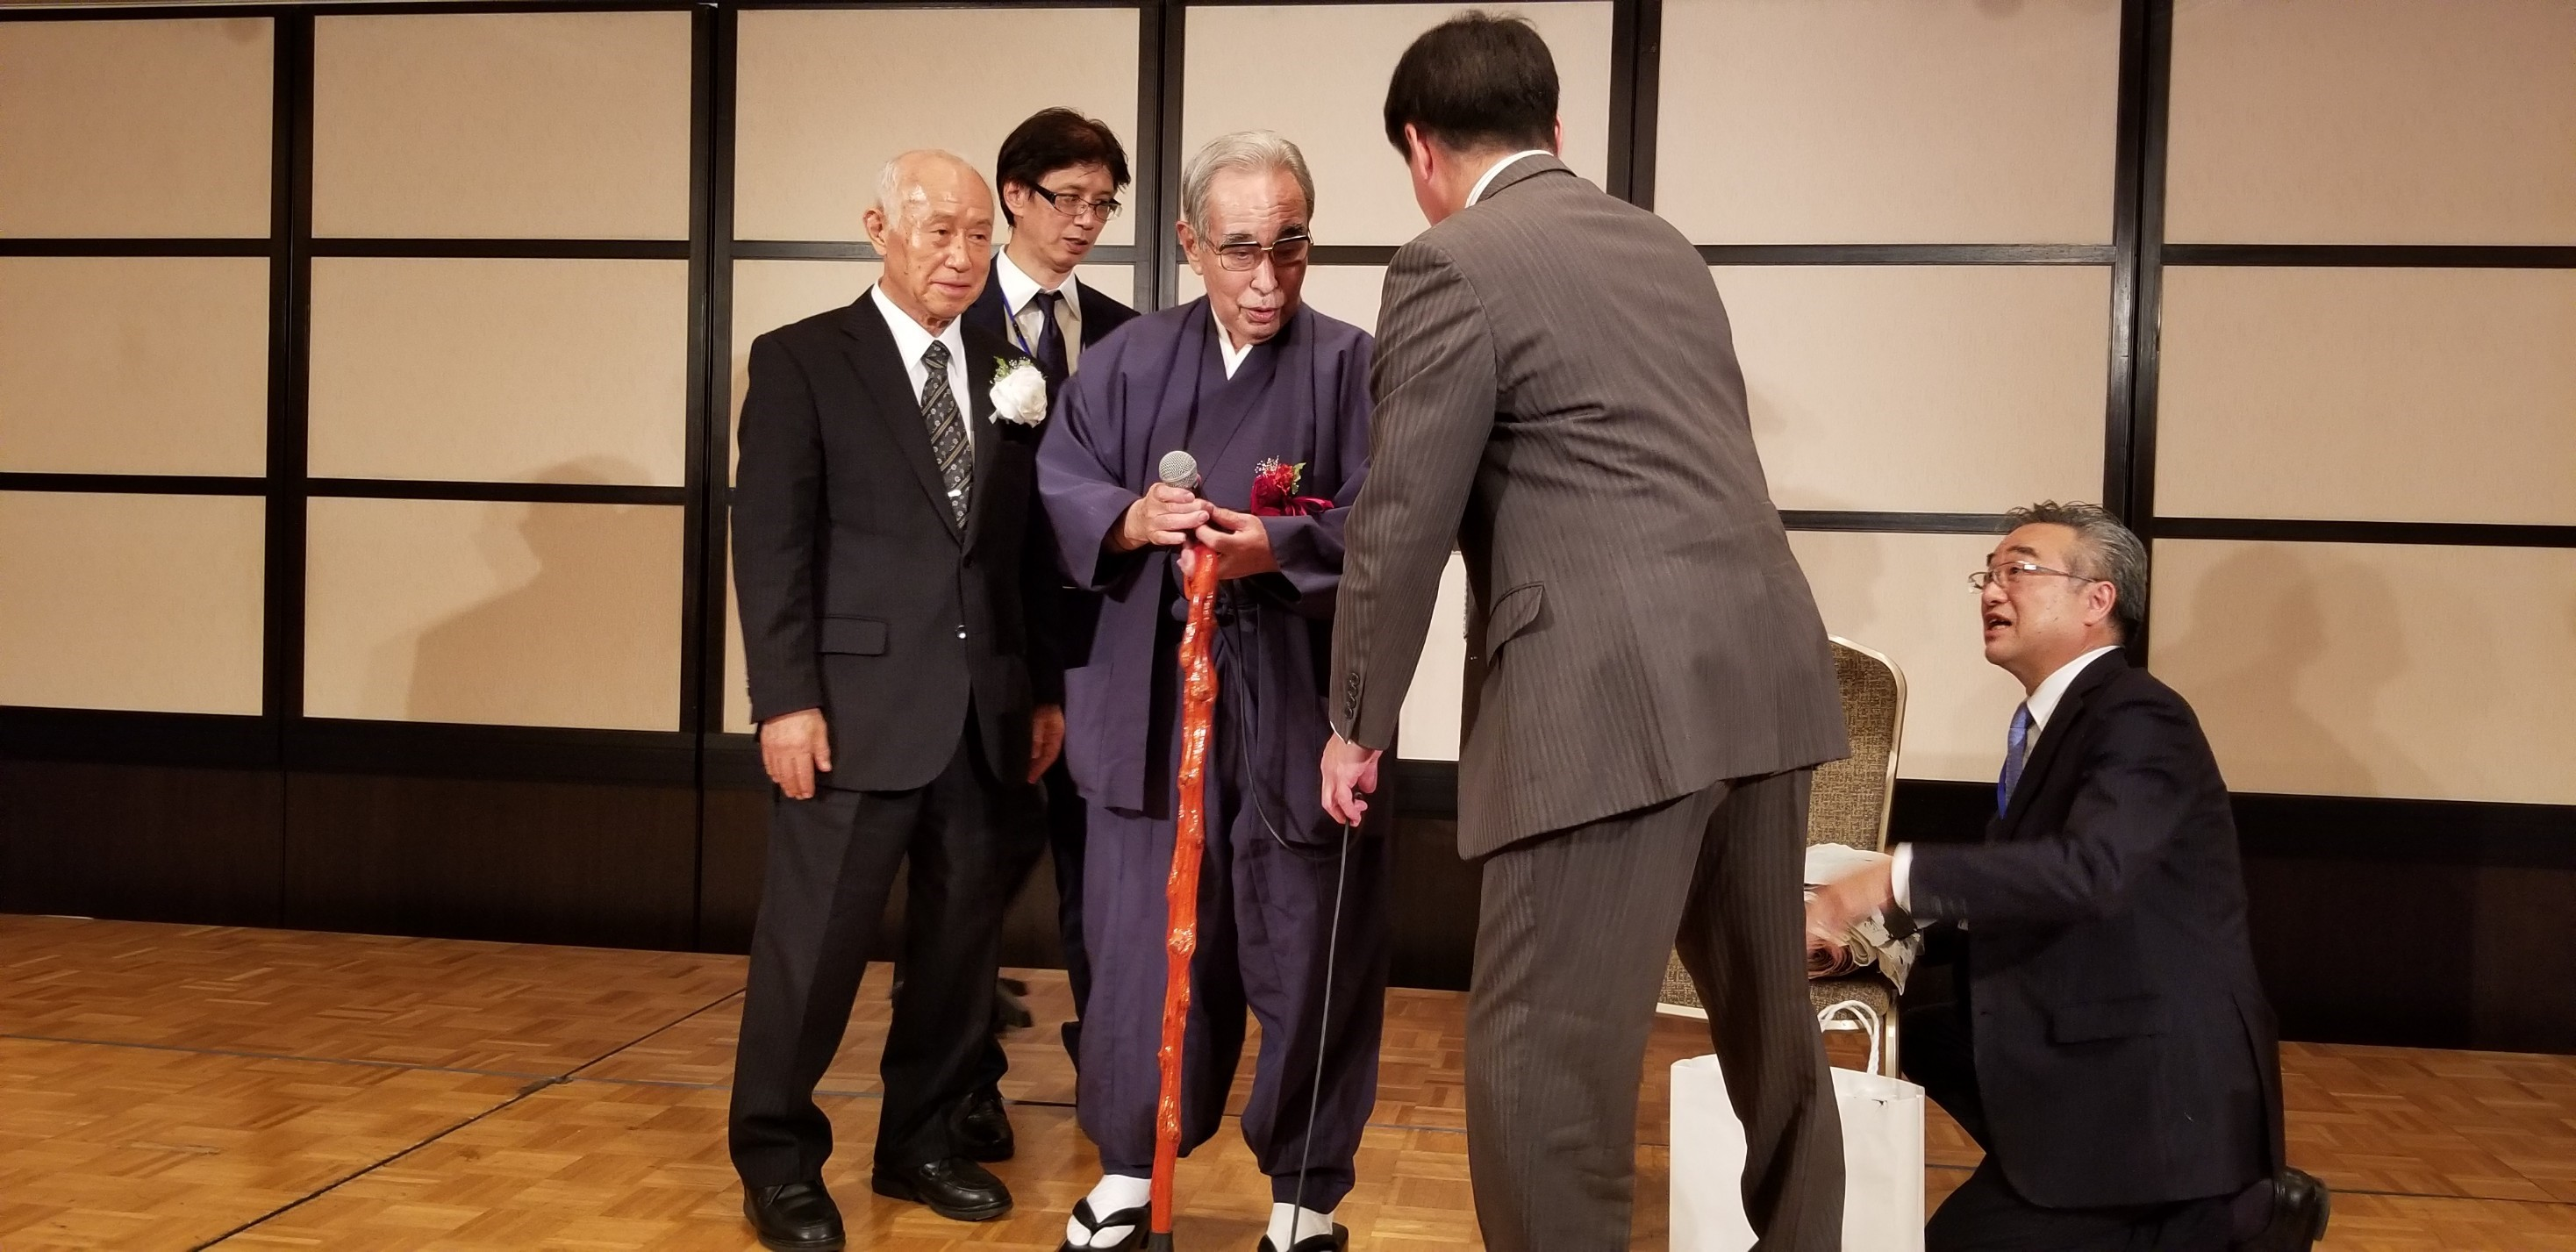 5cfff49ec89efc34f7c30d6f59ec2550 - 第6回思風会全国大会2018in東京開催